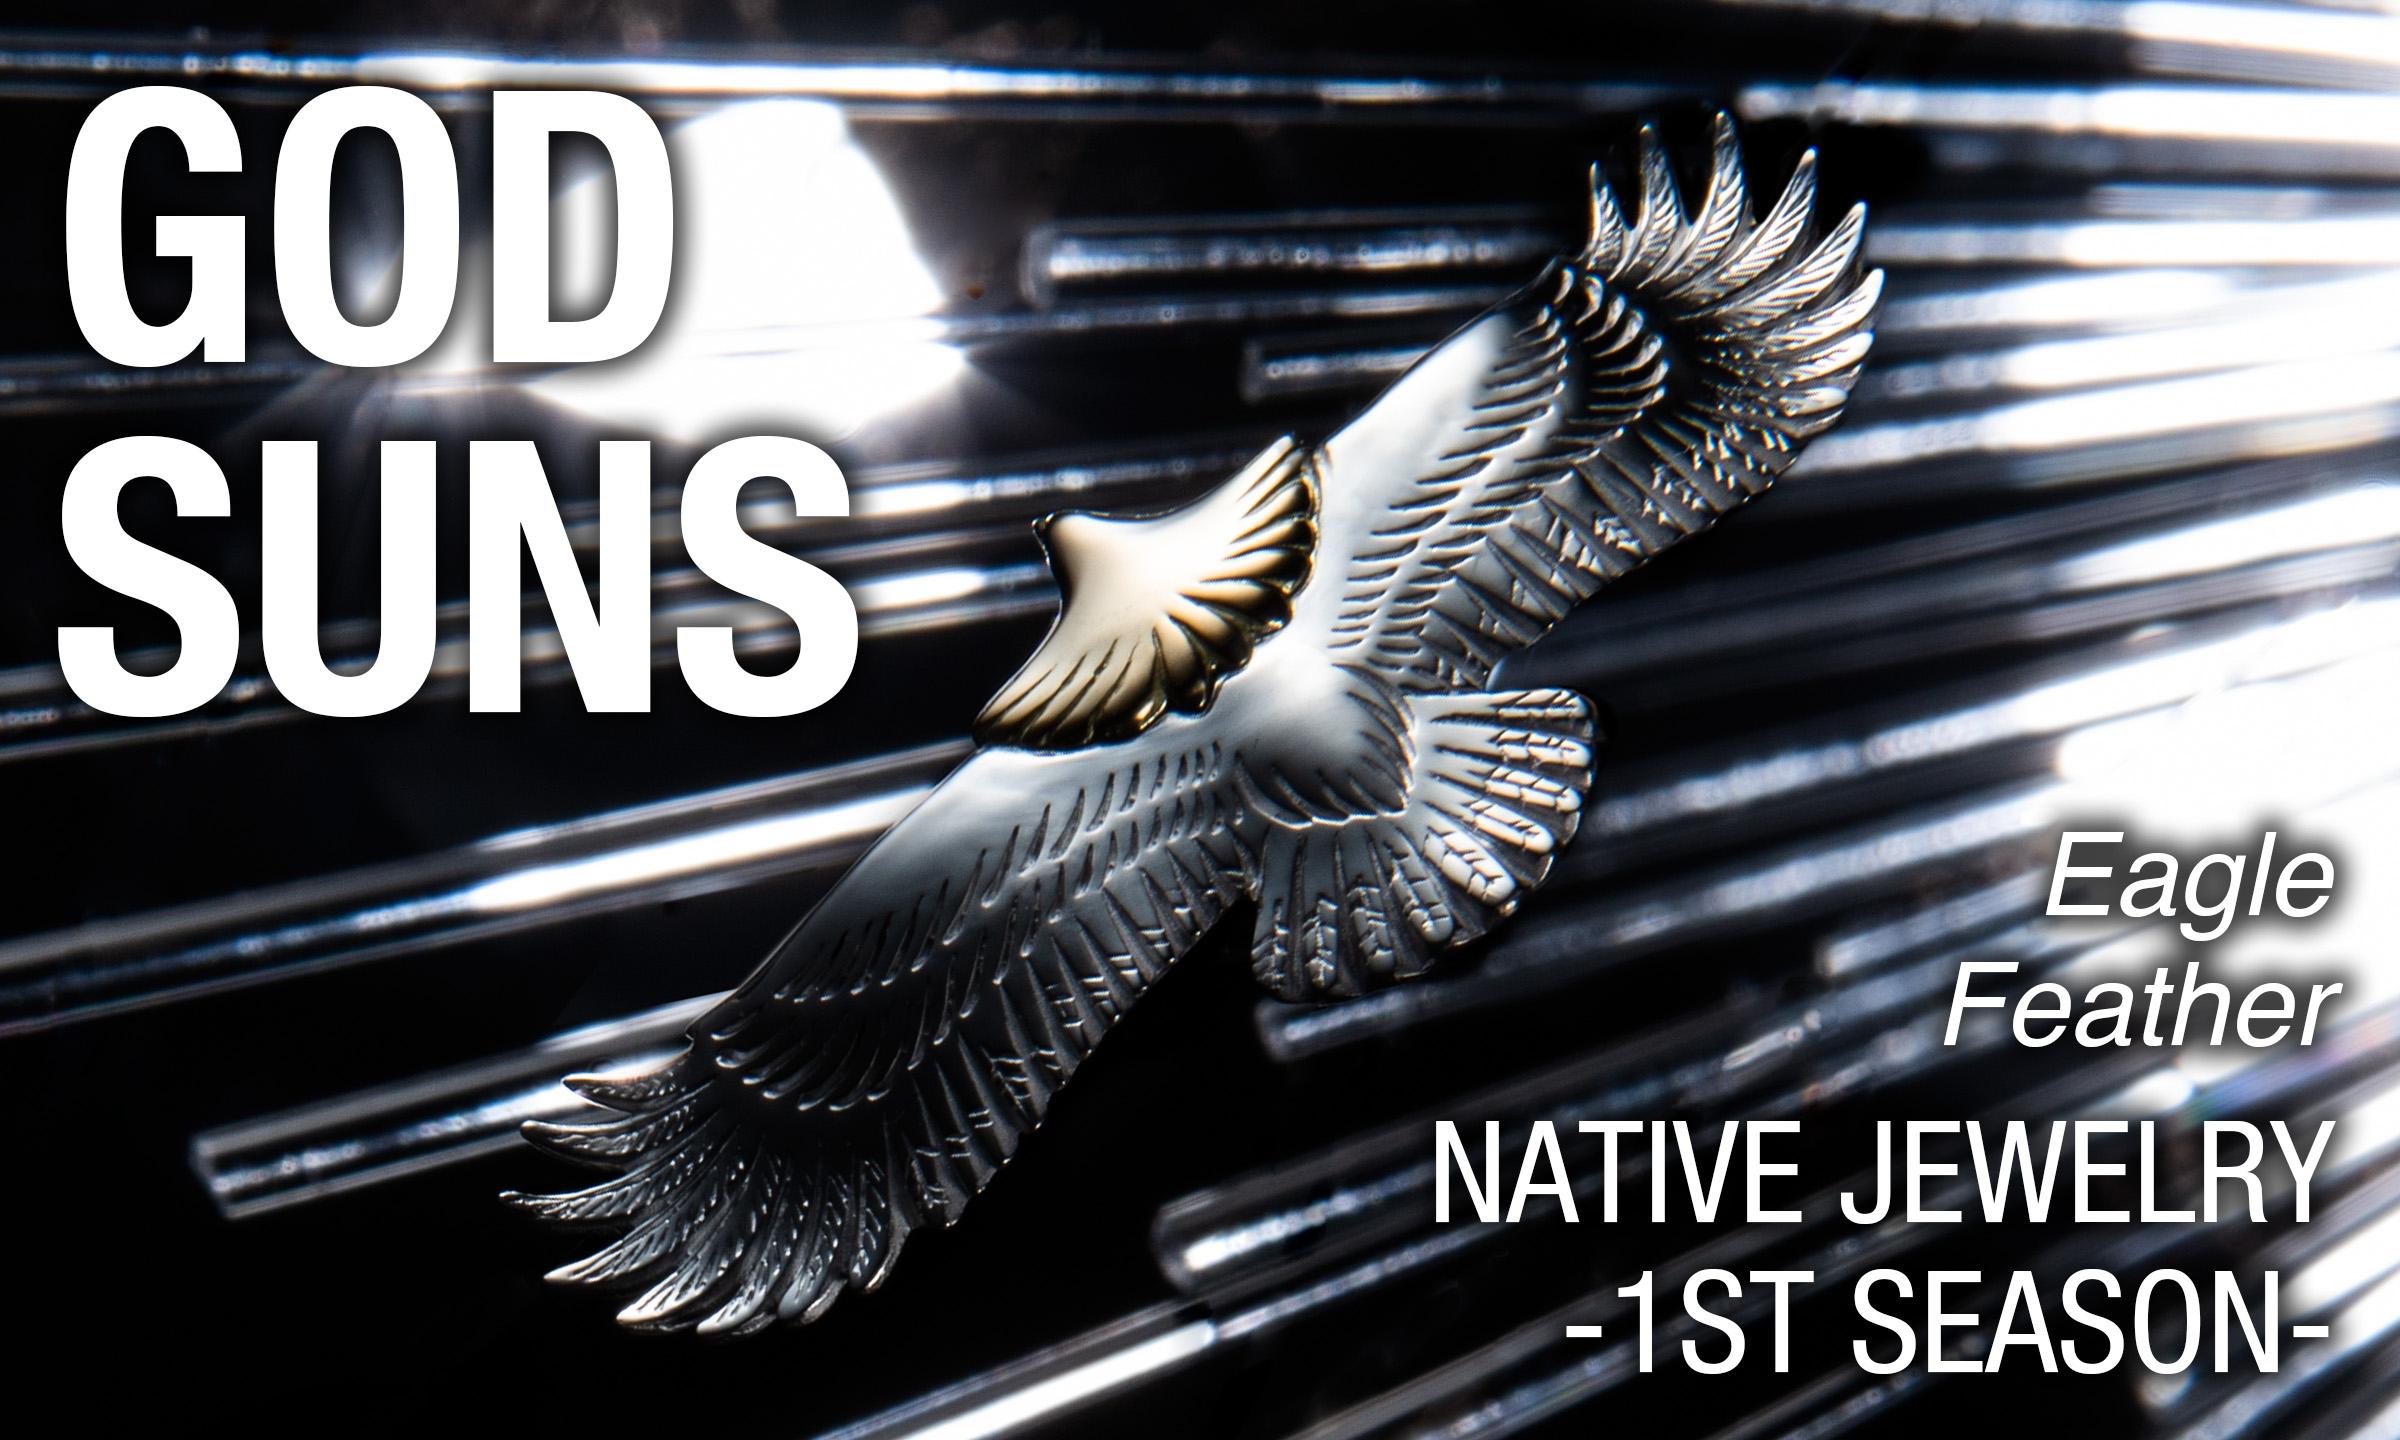 ネイティブアクセサリーを更新する凄まじき名工 「GOD SUNS」-NATIVE JEWELRY 1ST SEASON-